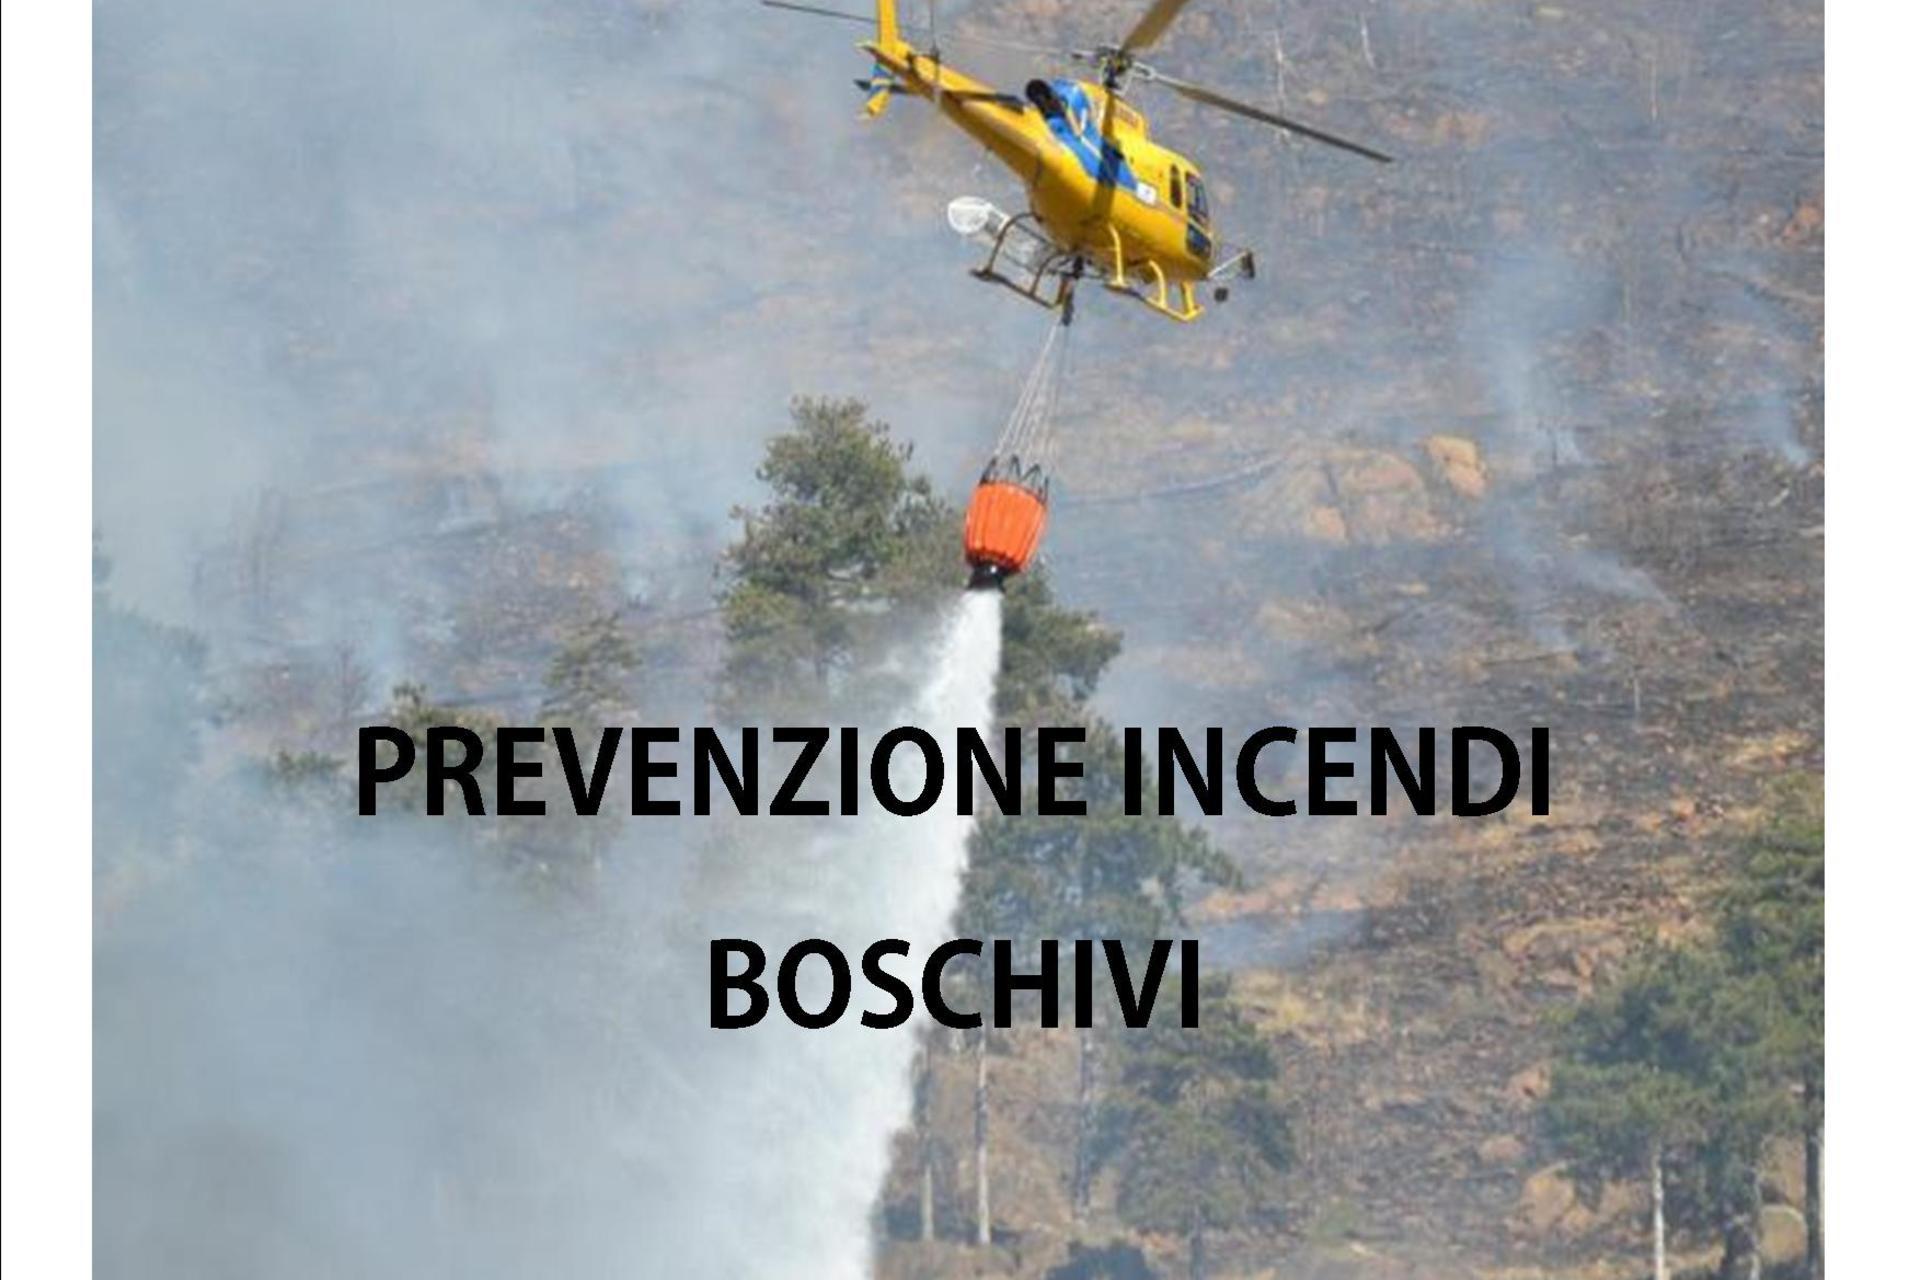 Ordinanza n.16 del 25-05-2020 - Norme per la prevenzione incendi e pulizia fondi incolti.